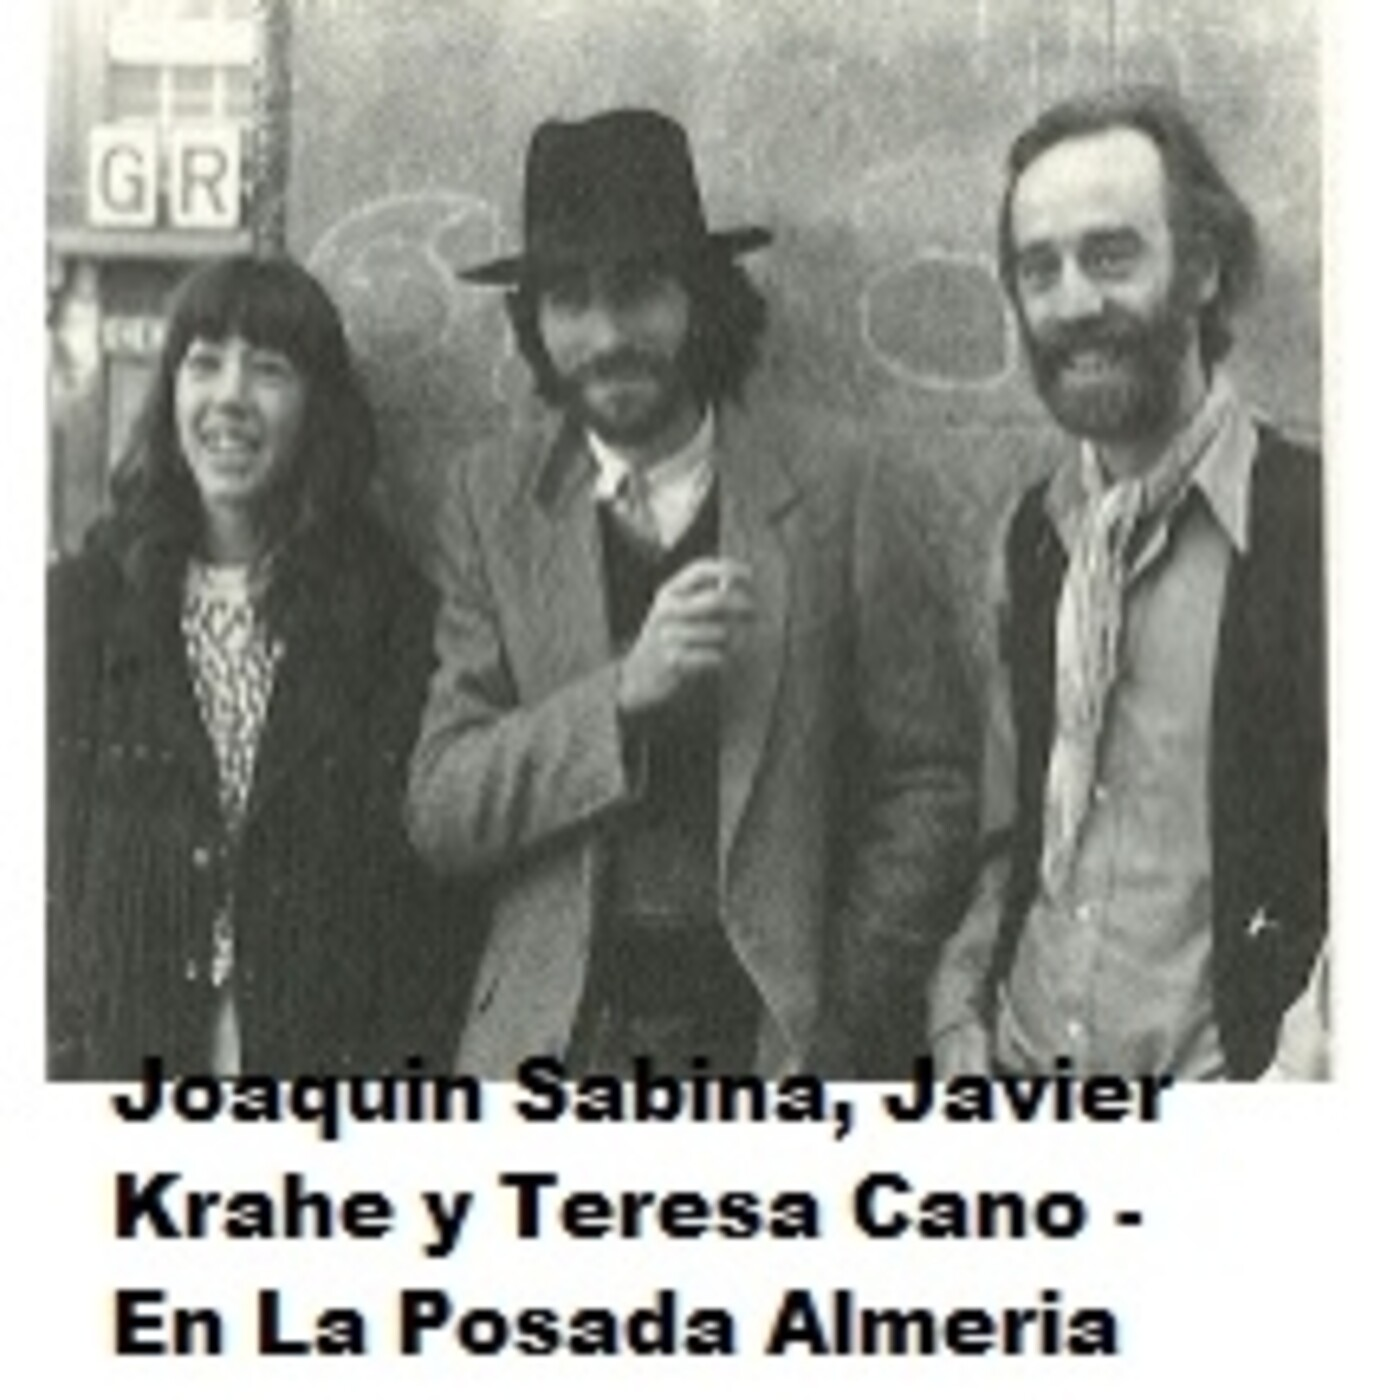 Joaquin Sabina, Javier Krahe y Teresa Cano - En La Posada Records Almería 1983